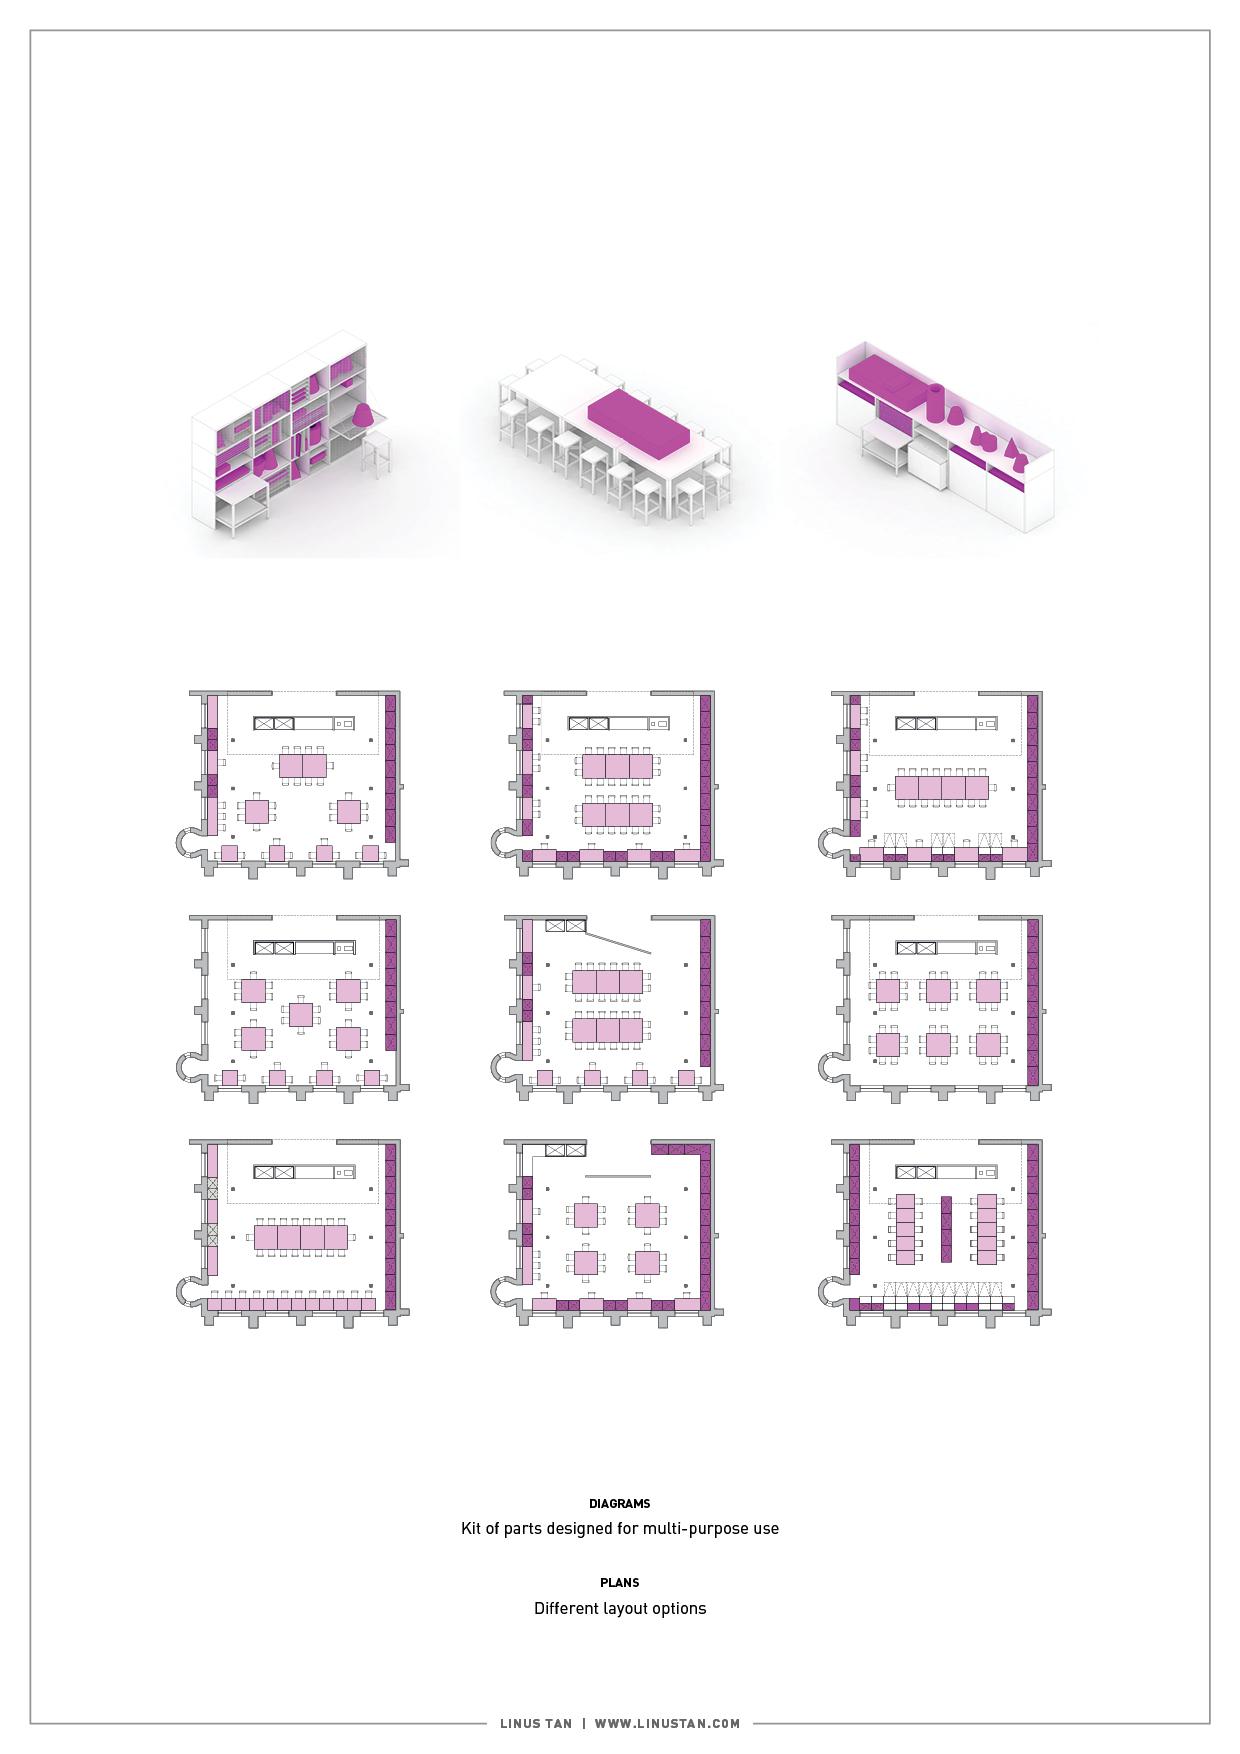 Linus Tan - MSD Makerspace 02